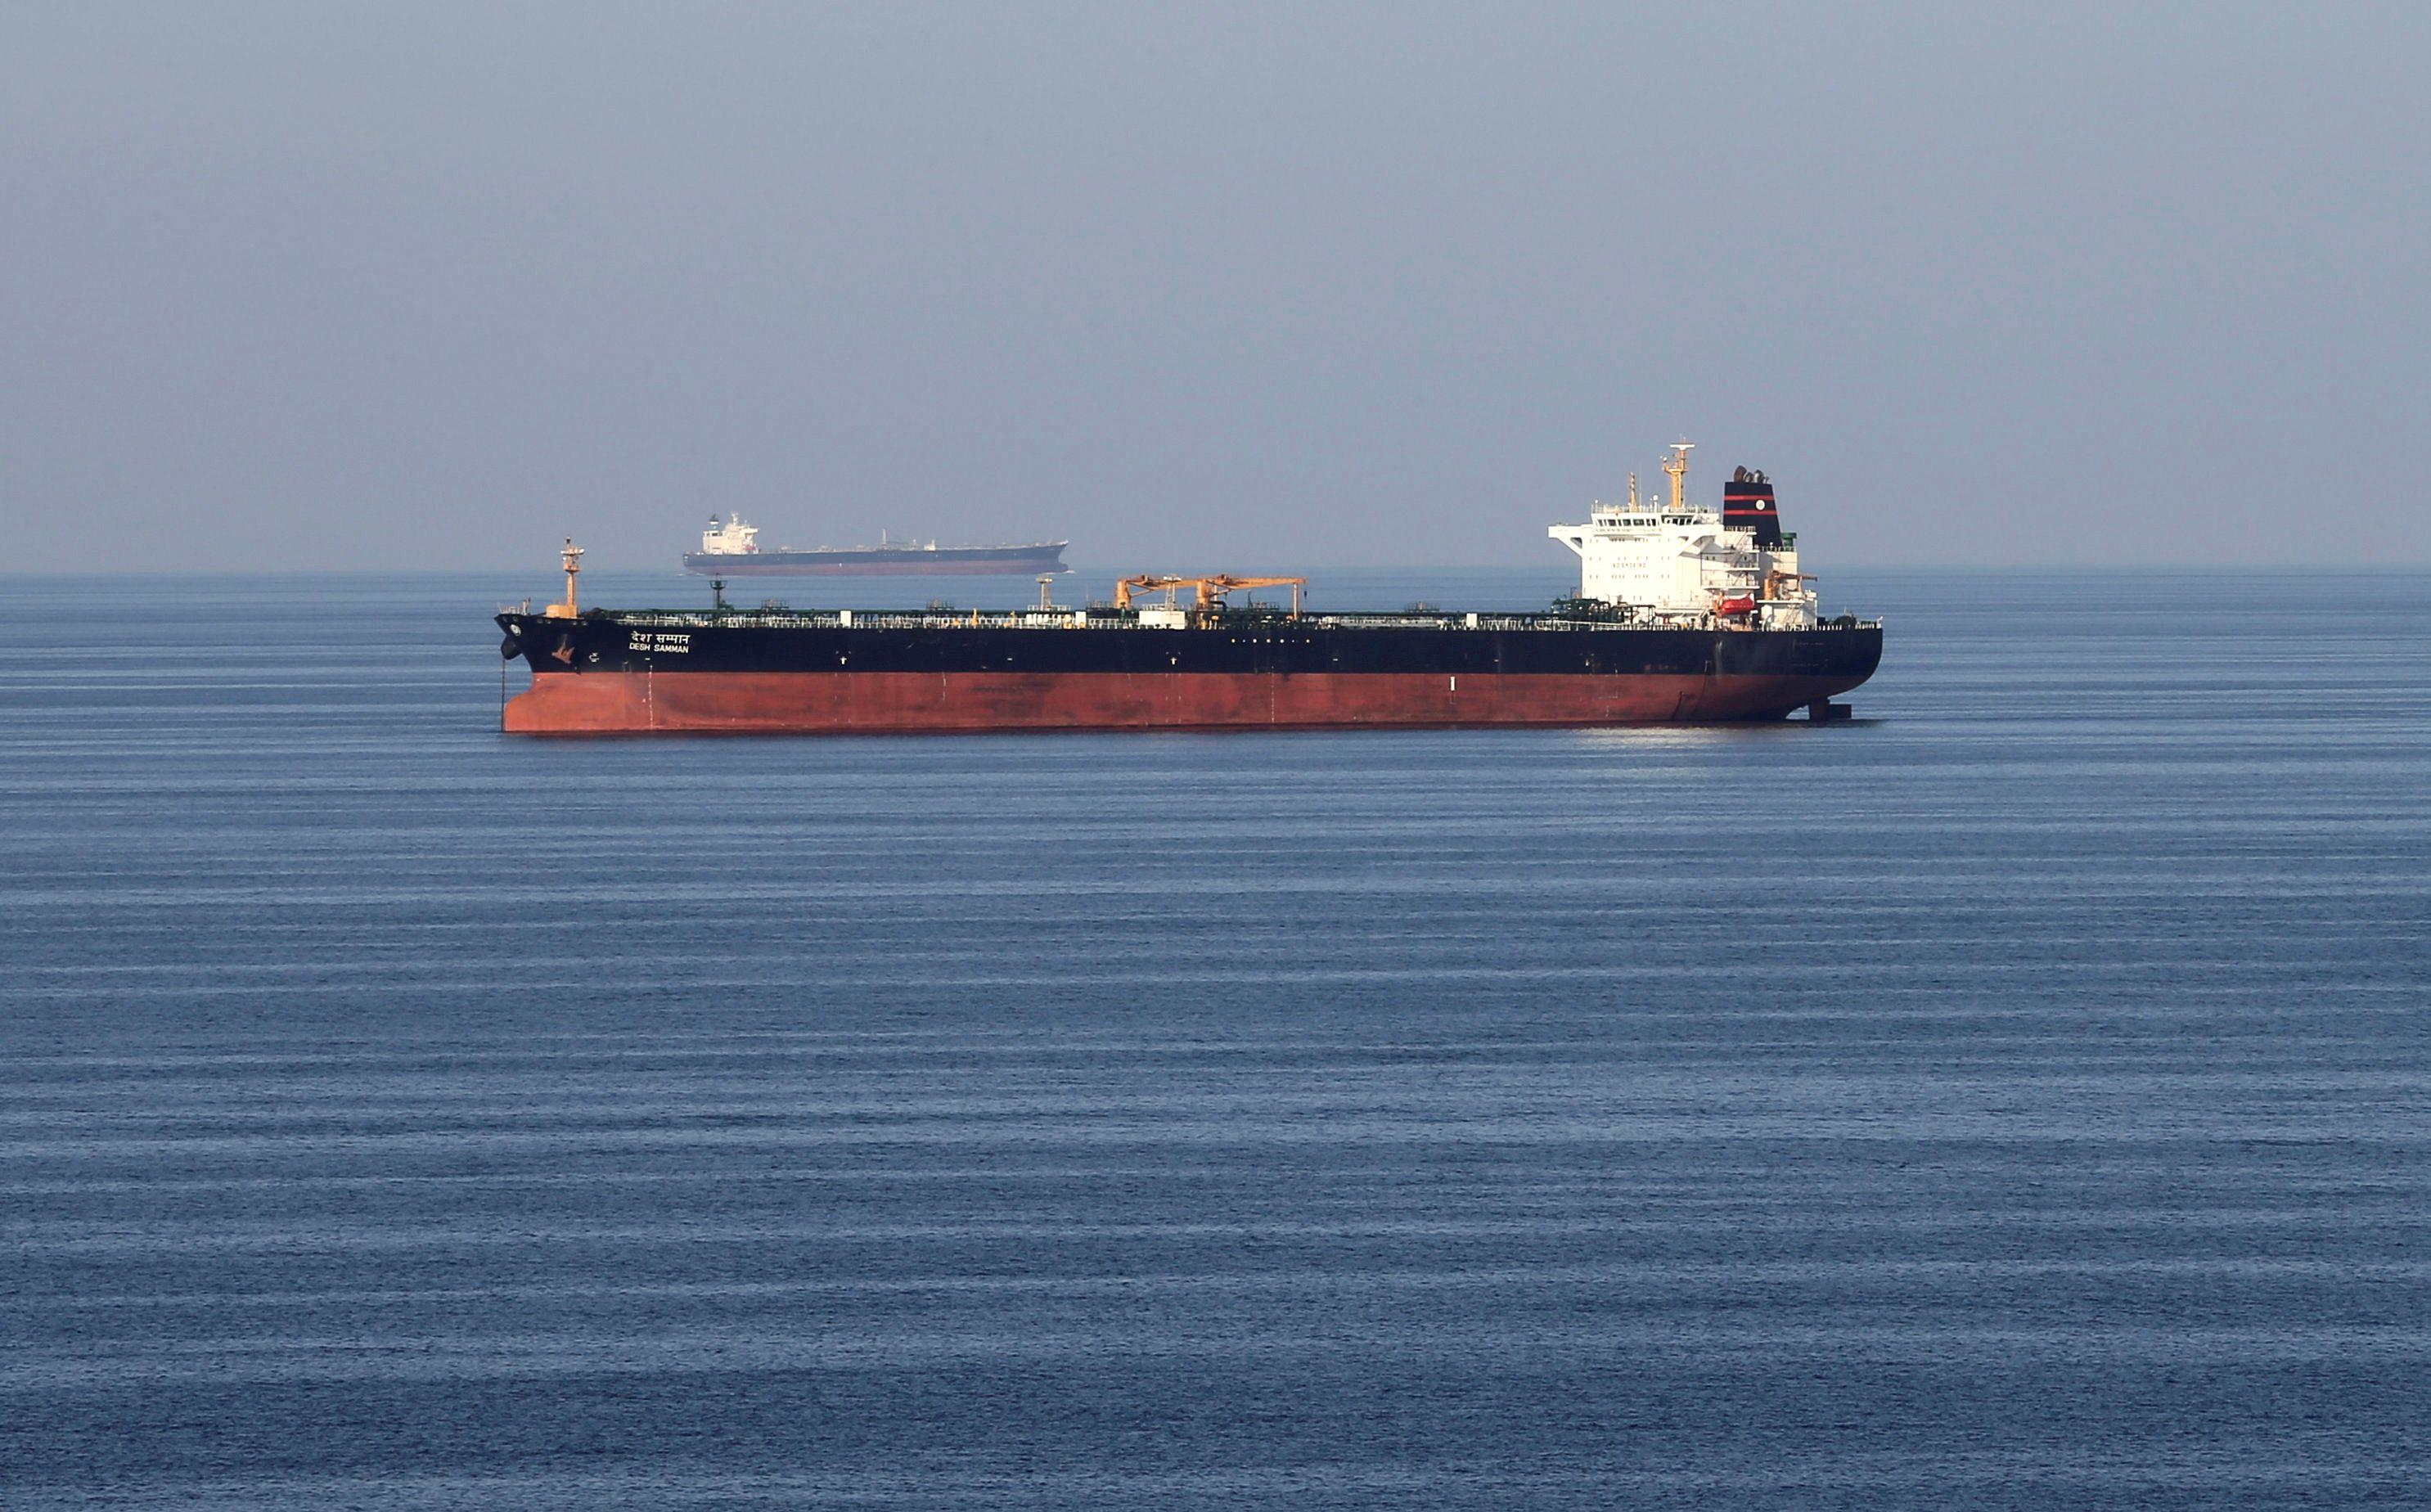 Irã diz que apreendeu navio após colisão e Reino Unido critica decisão